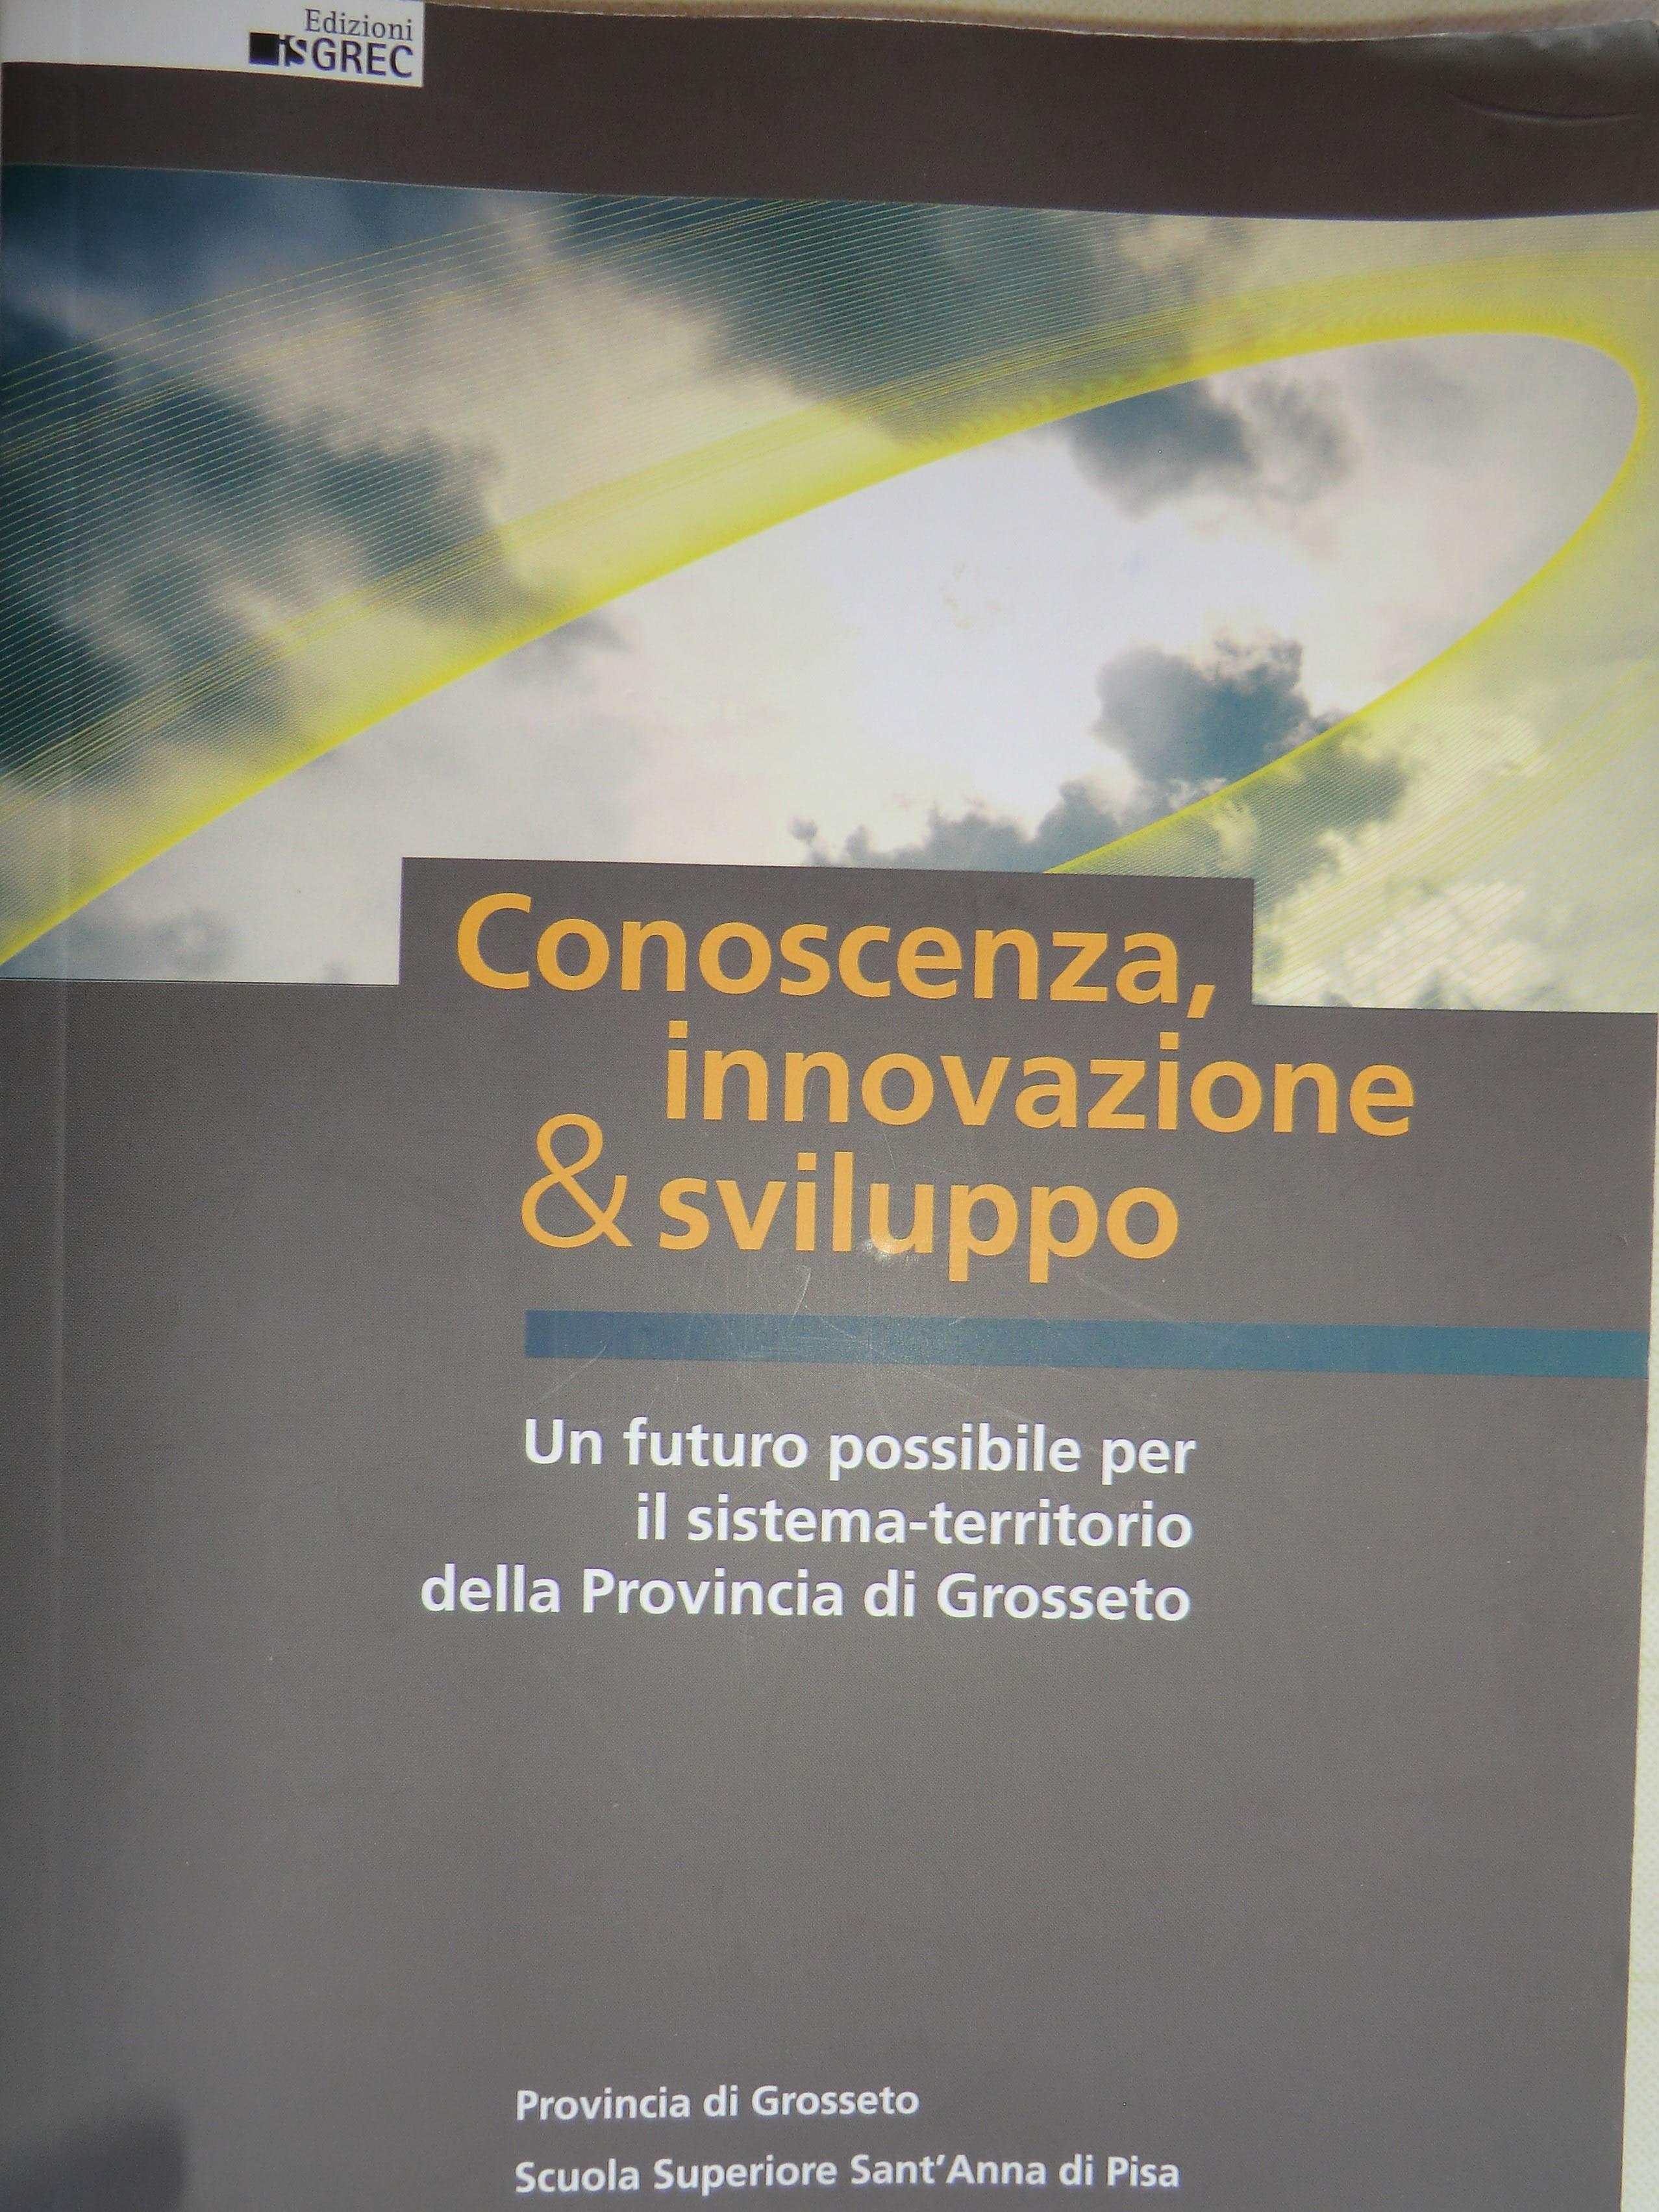 Scuola Superiore Sant'Anna di Pisa, Provincia di Grosseto, Conoscenza, innovazione & sviluppo, Edizioni ISGREC, Grosseto 2009